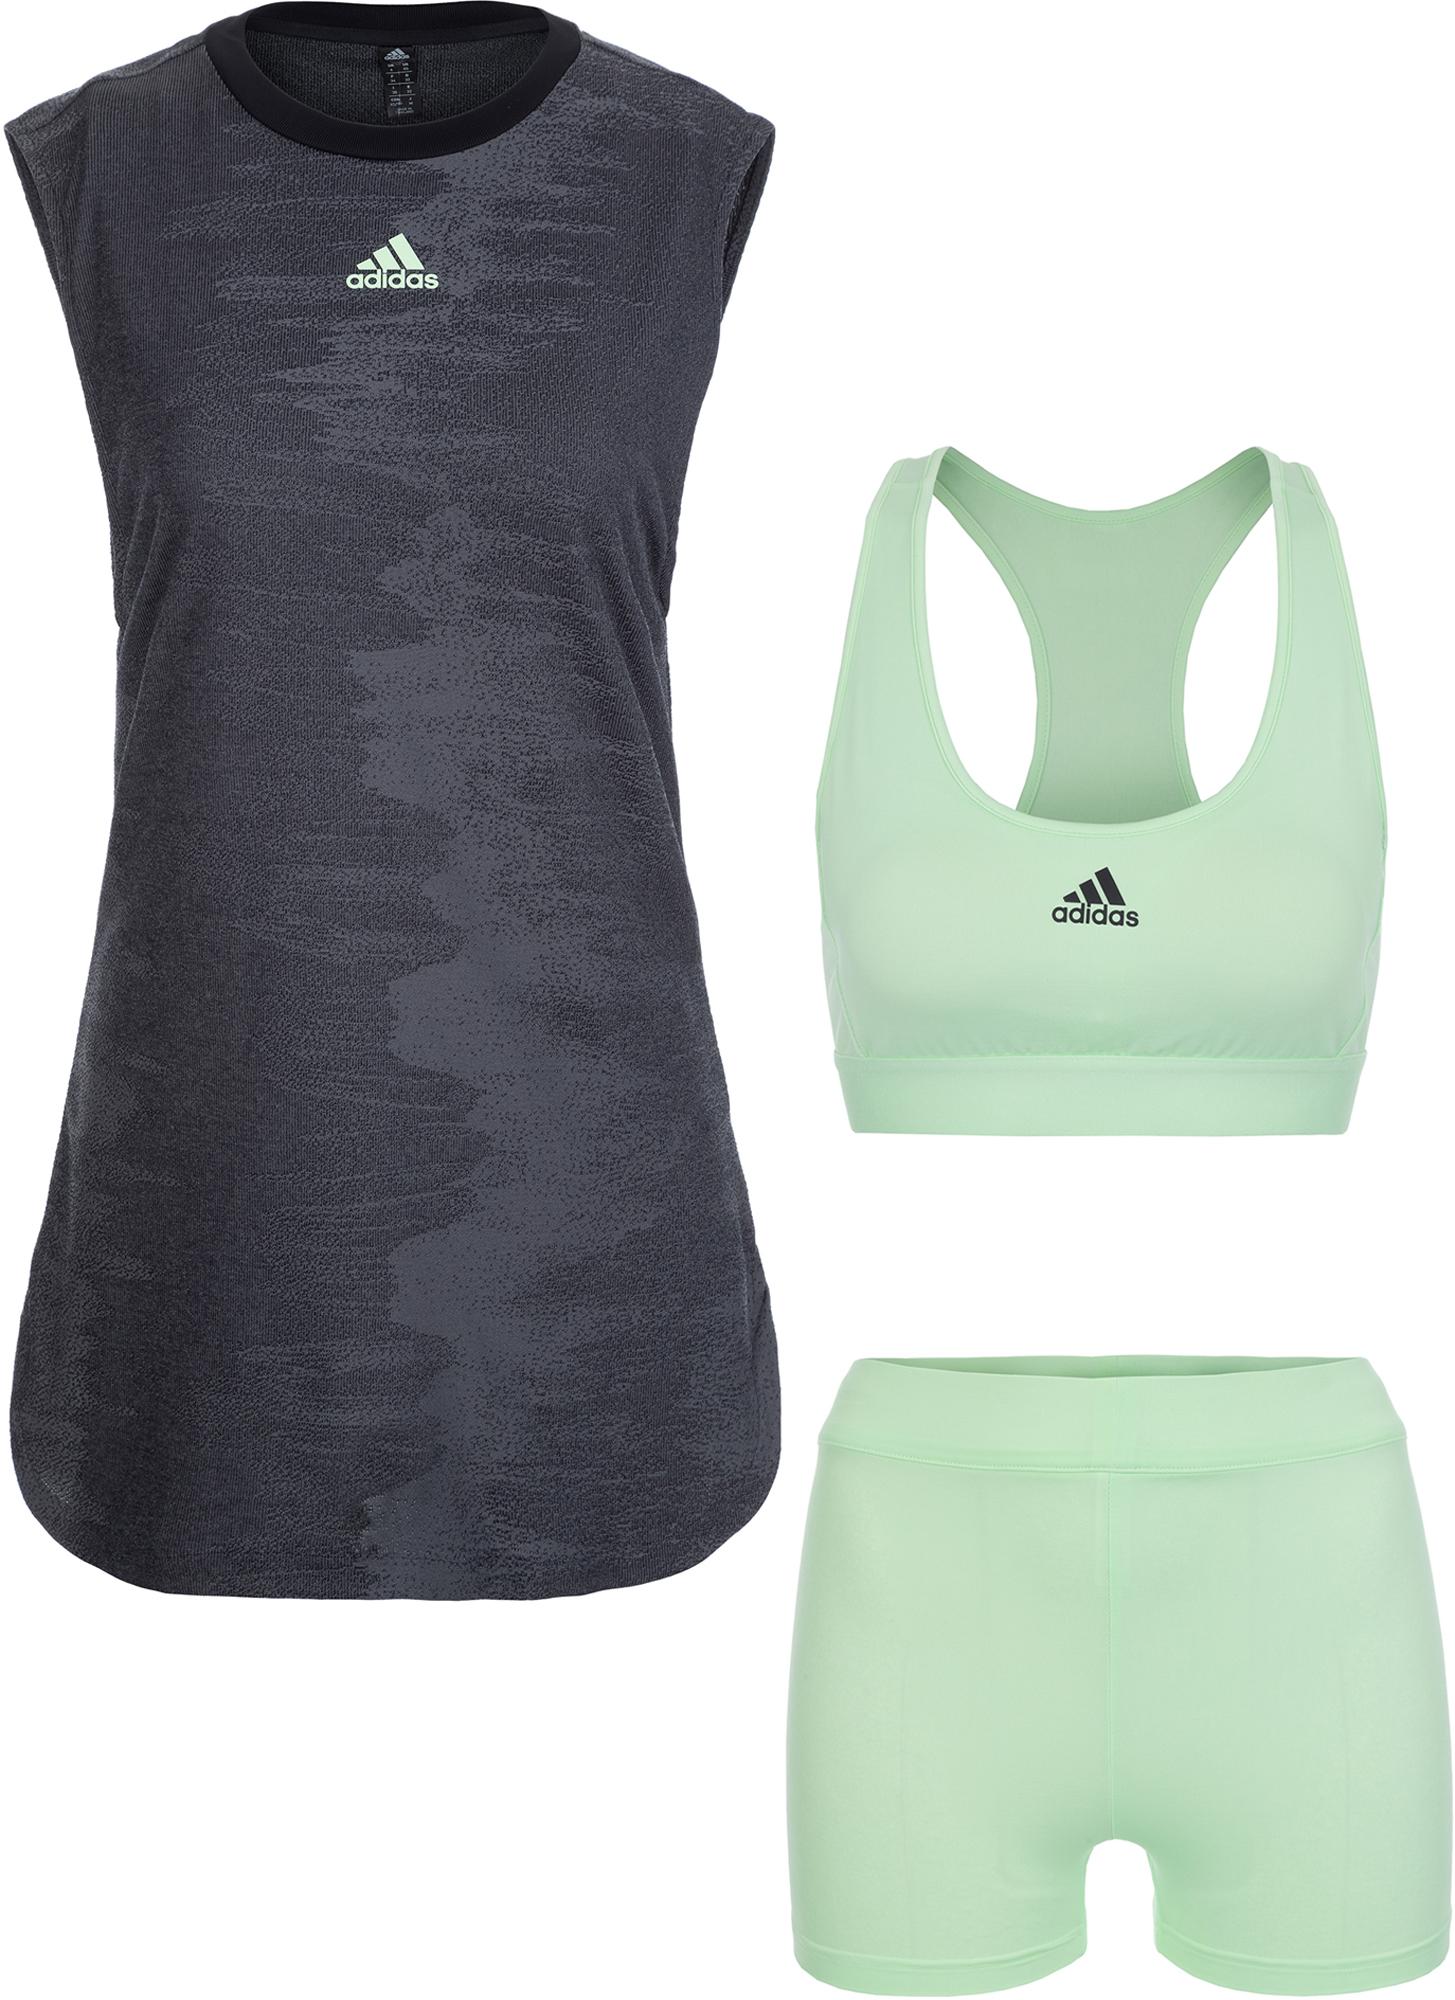 цена на Adidas Платье женское Adidas New York, размер M